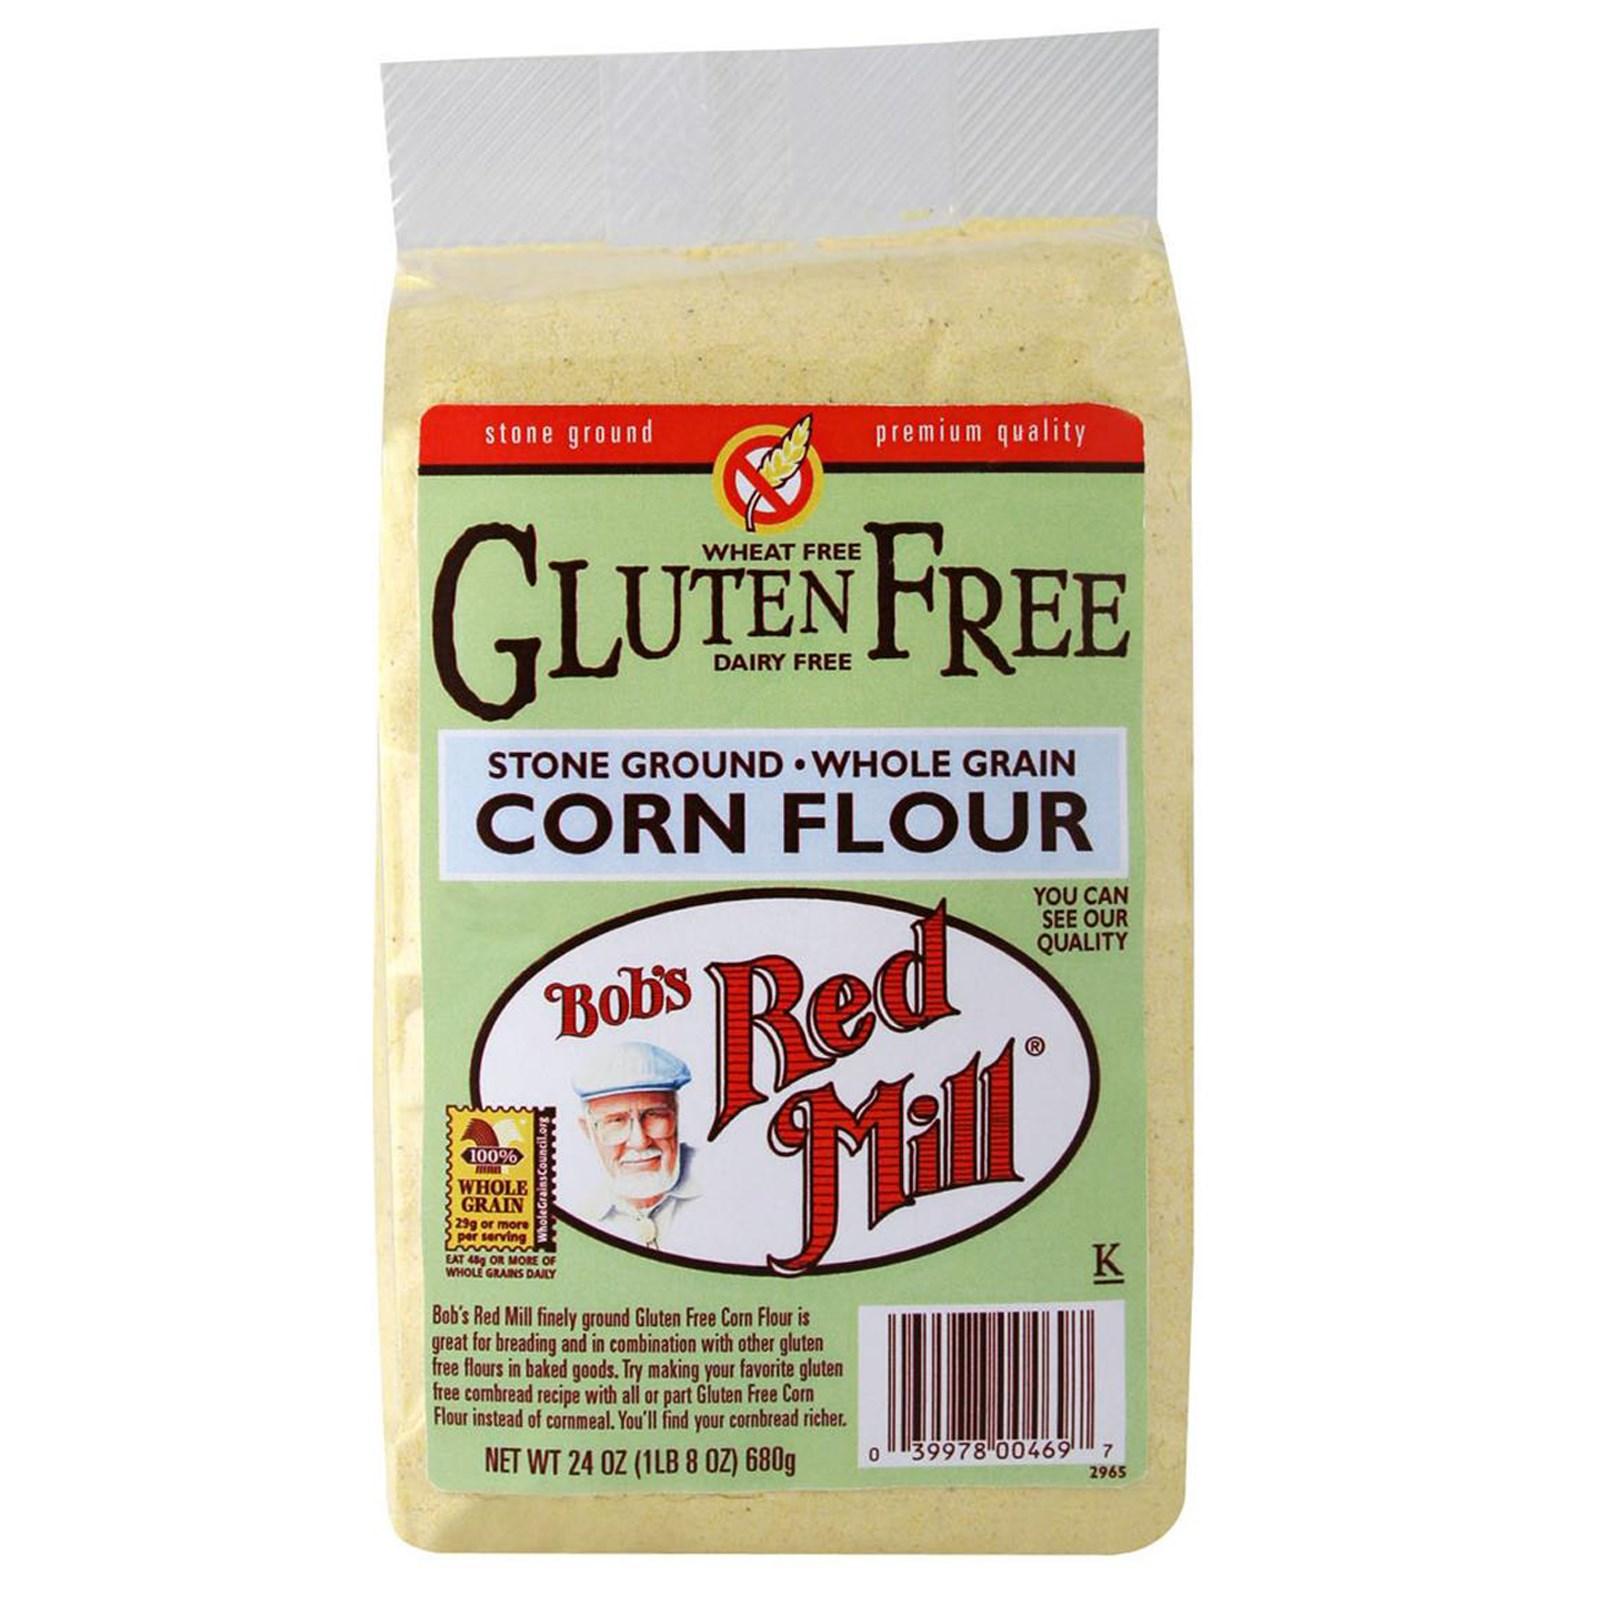 Bob's Red Mill Gluten Free Corn Flour 4/24oz – Mill Creek